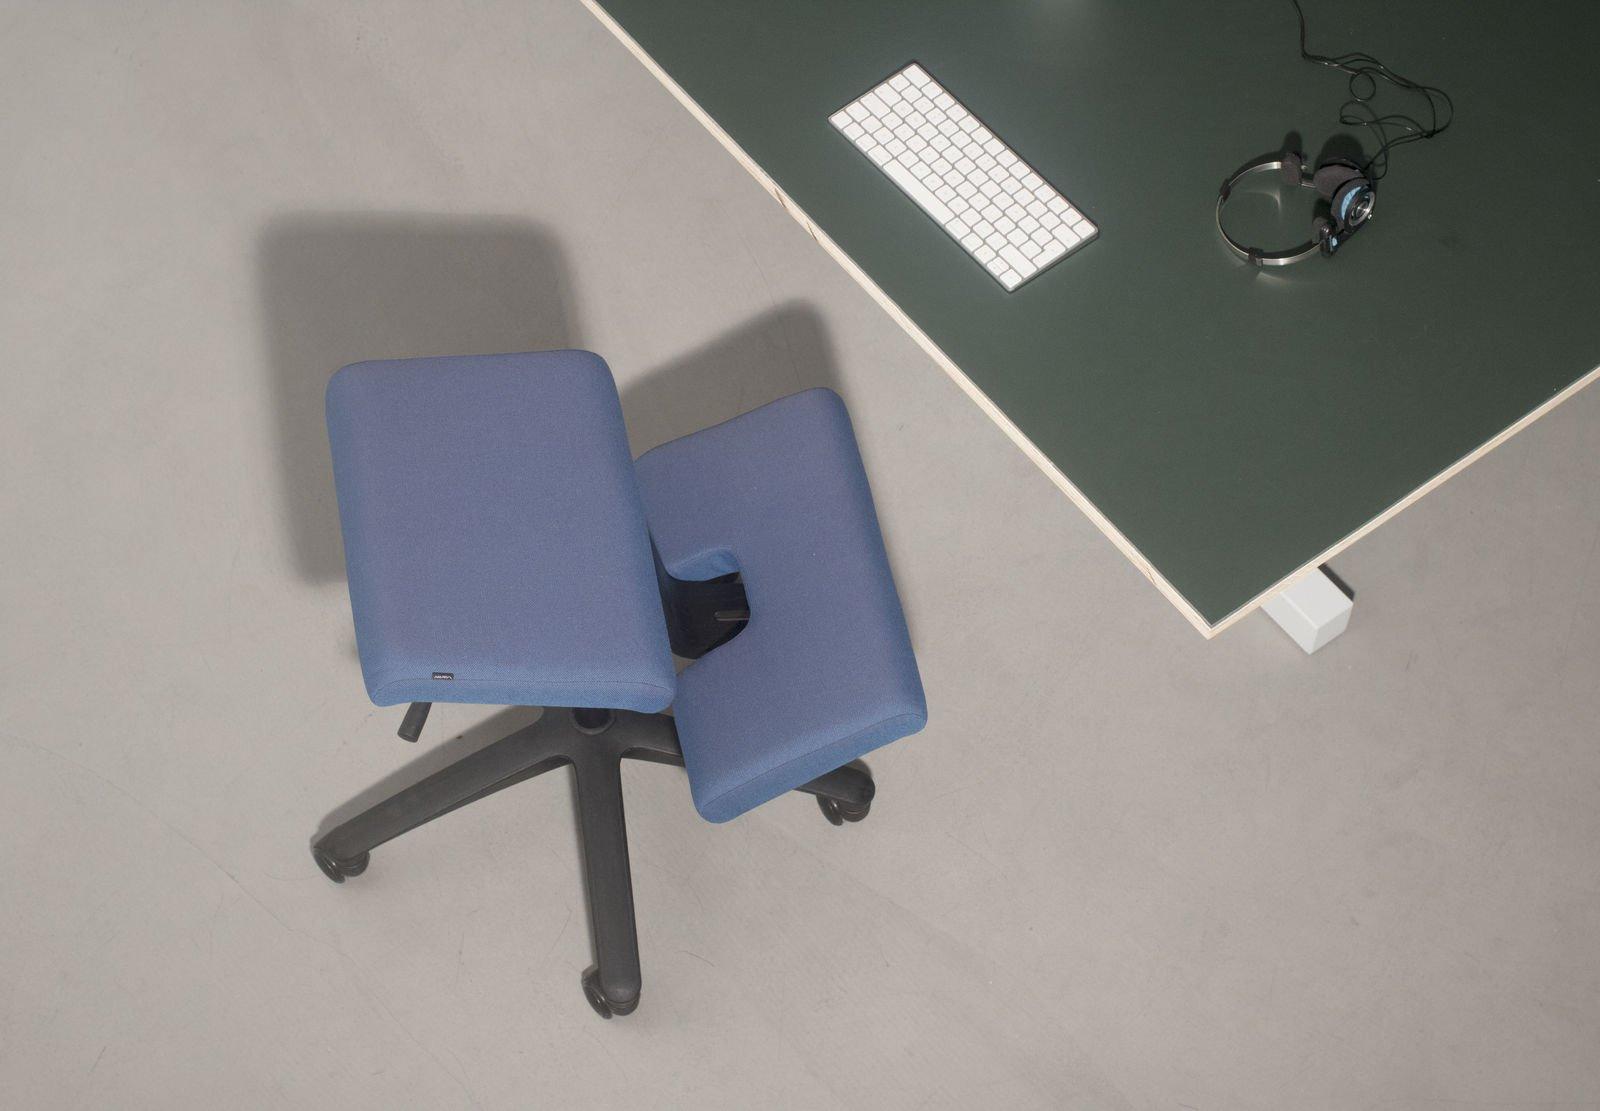 Varier Wing Ergonomic Kneeling Chair by Varier